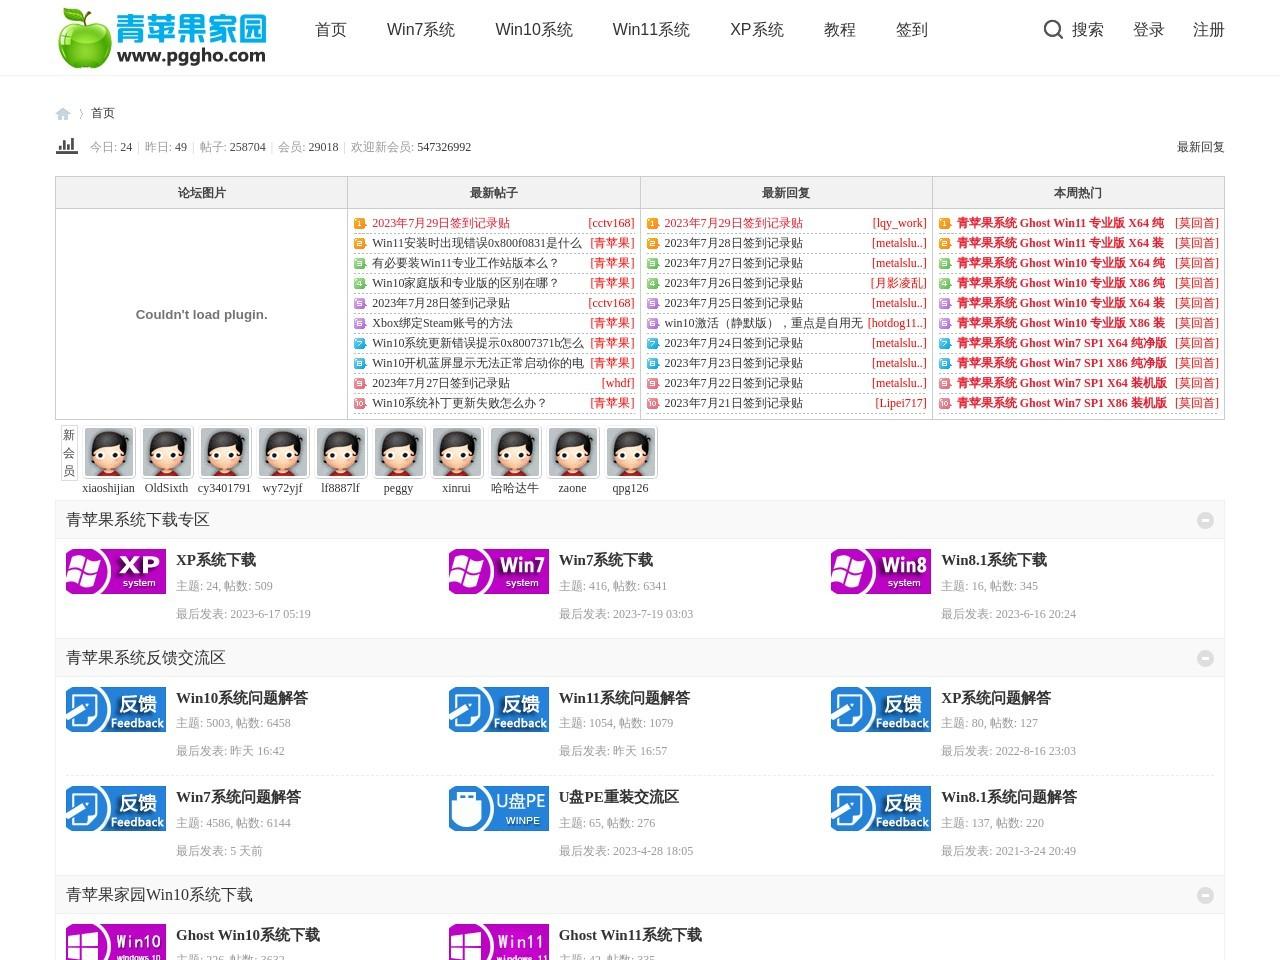 win7系统下载_win7纯净版_win7论坛_ghost win7 64位旗舰版下载_青苹果系统-青苹果家园